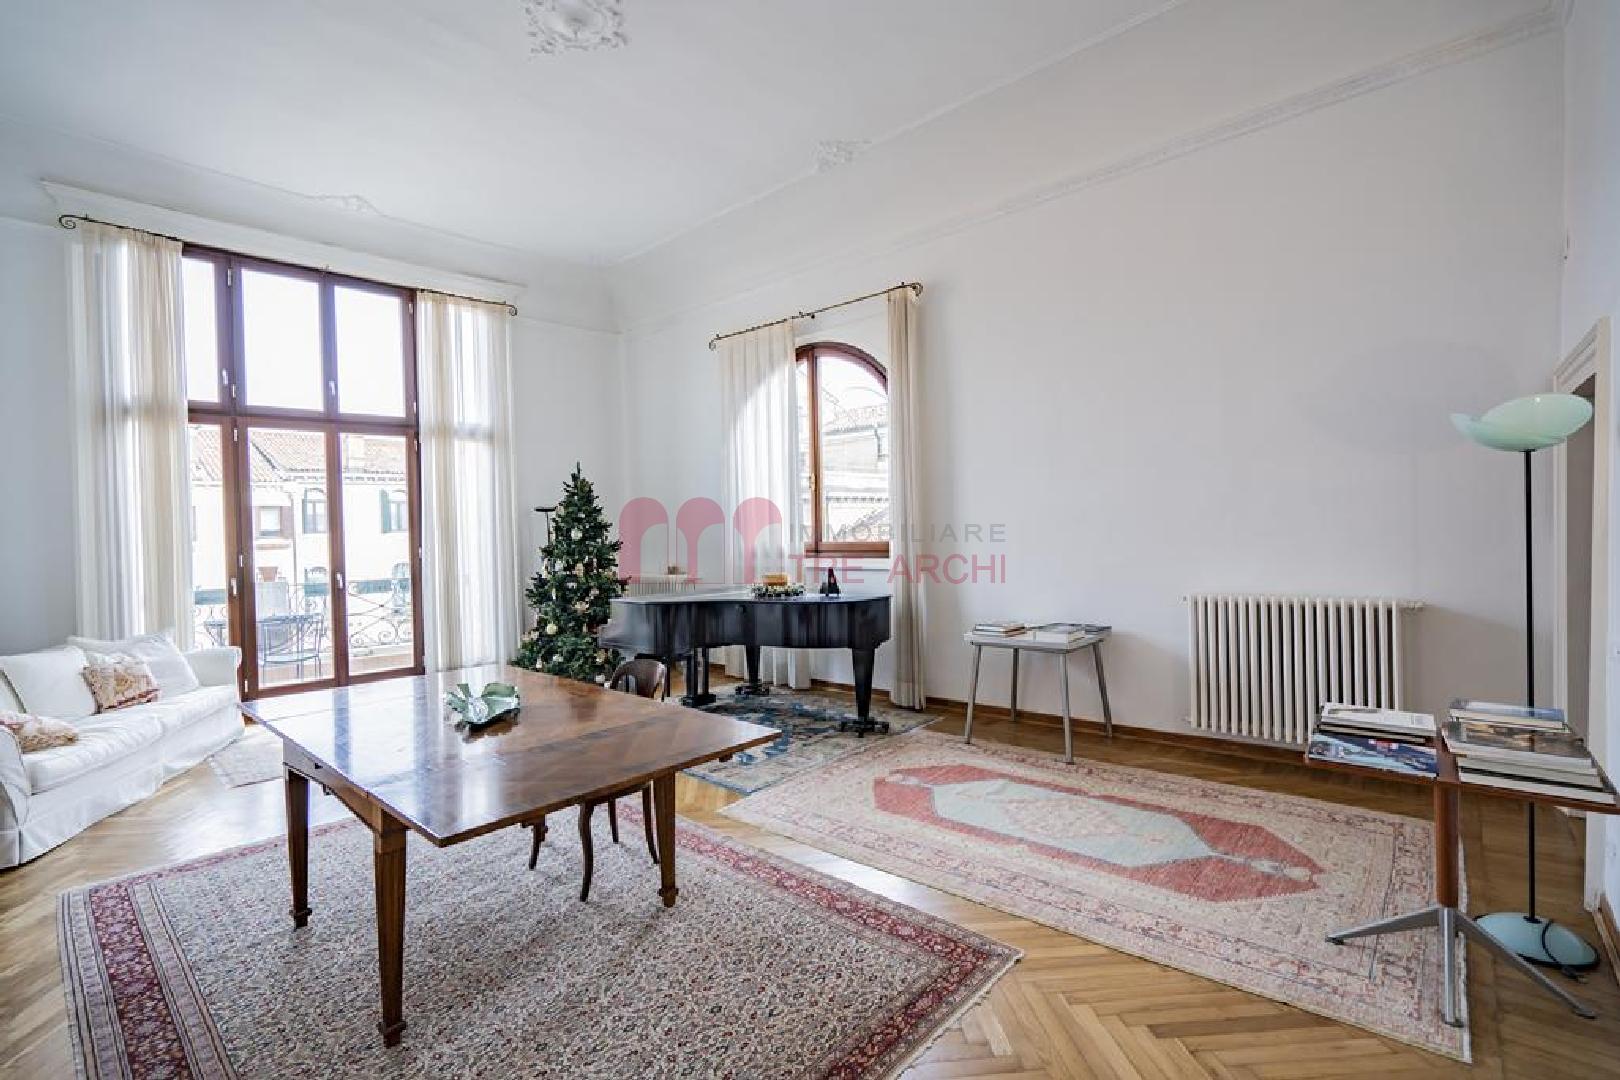 VENEZIA SANTA CROCE – Prestigiosa ed elegante abitazione con terrazza